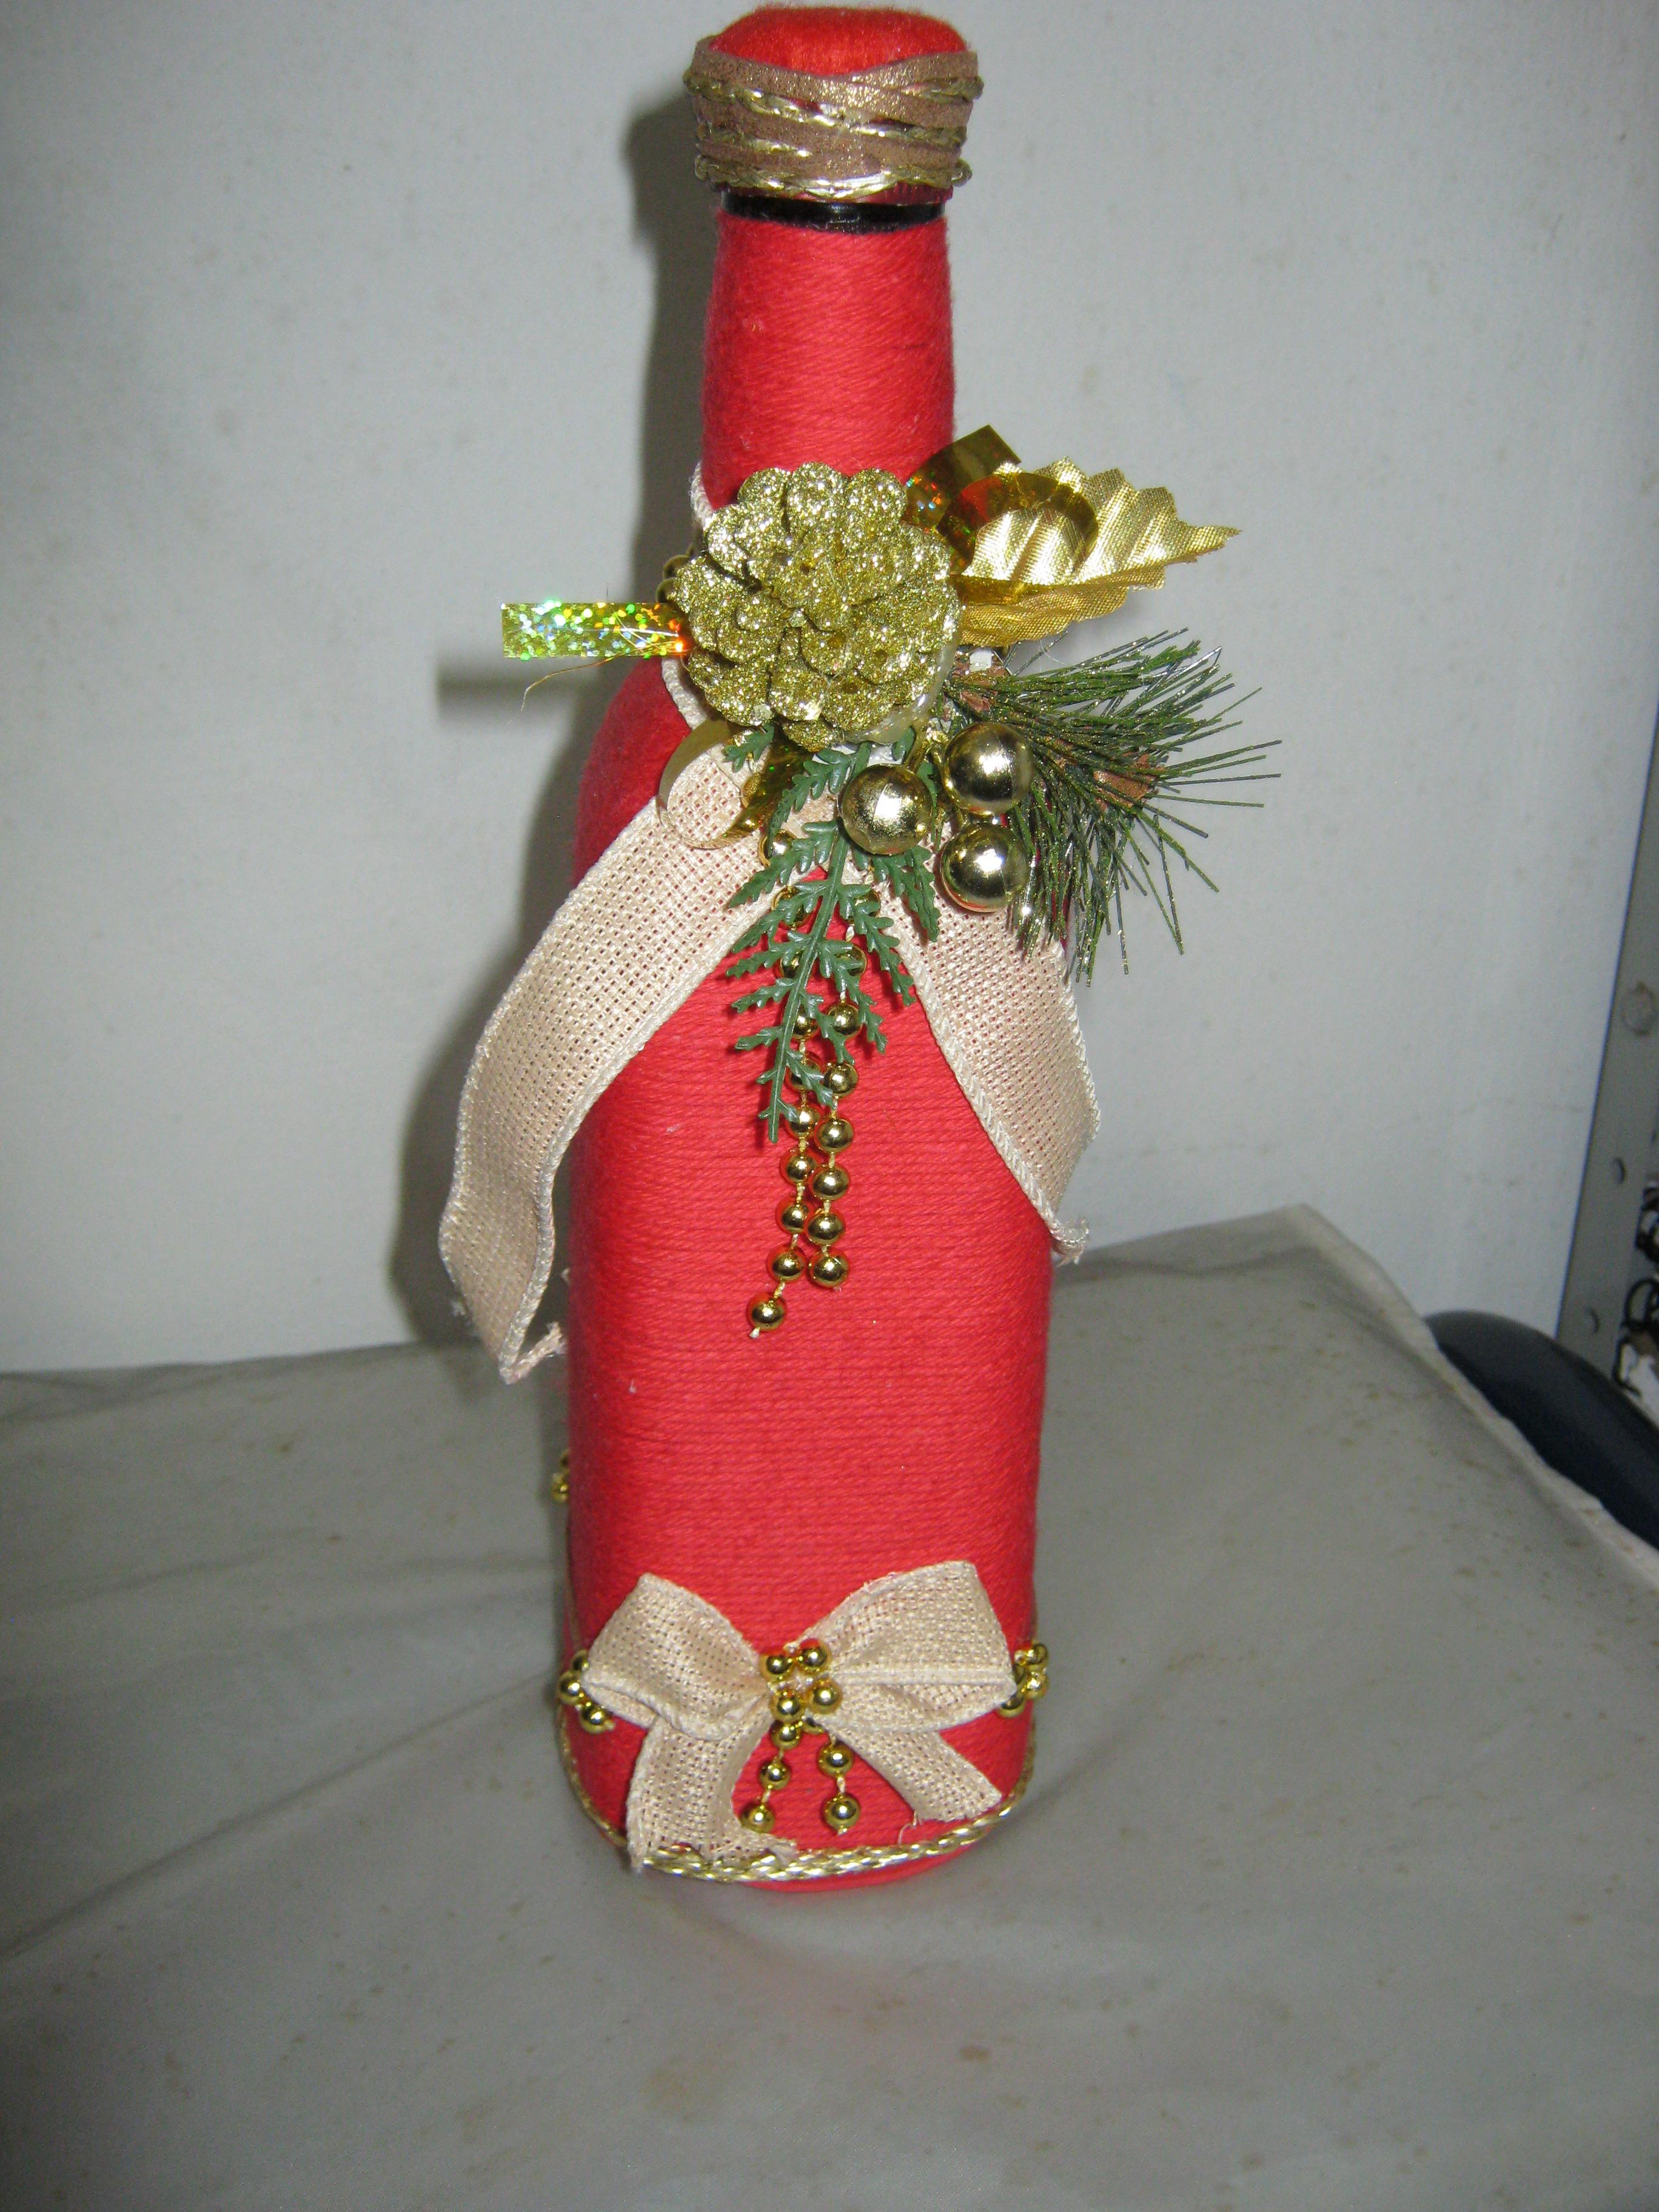 6) Árvore de Natal feita com garrafas pet